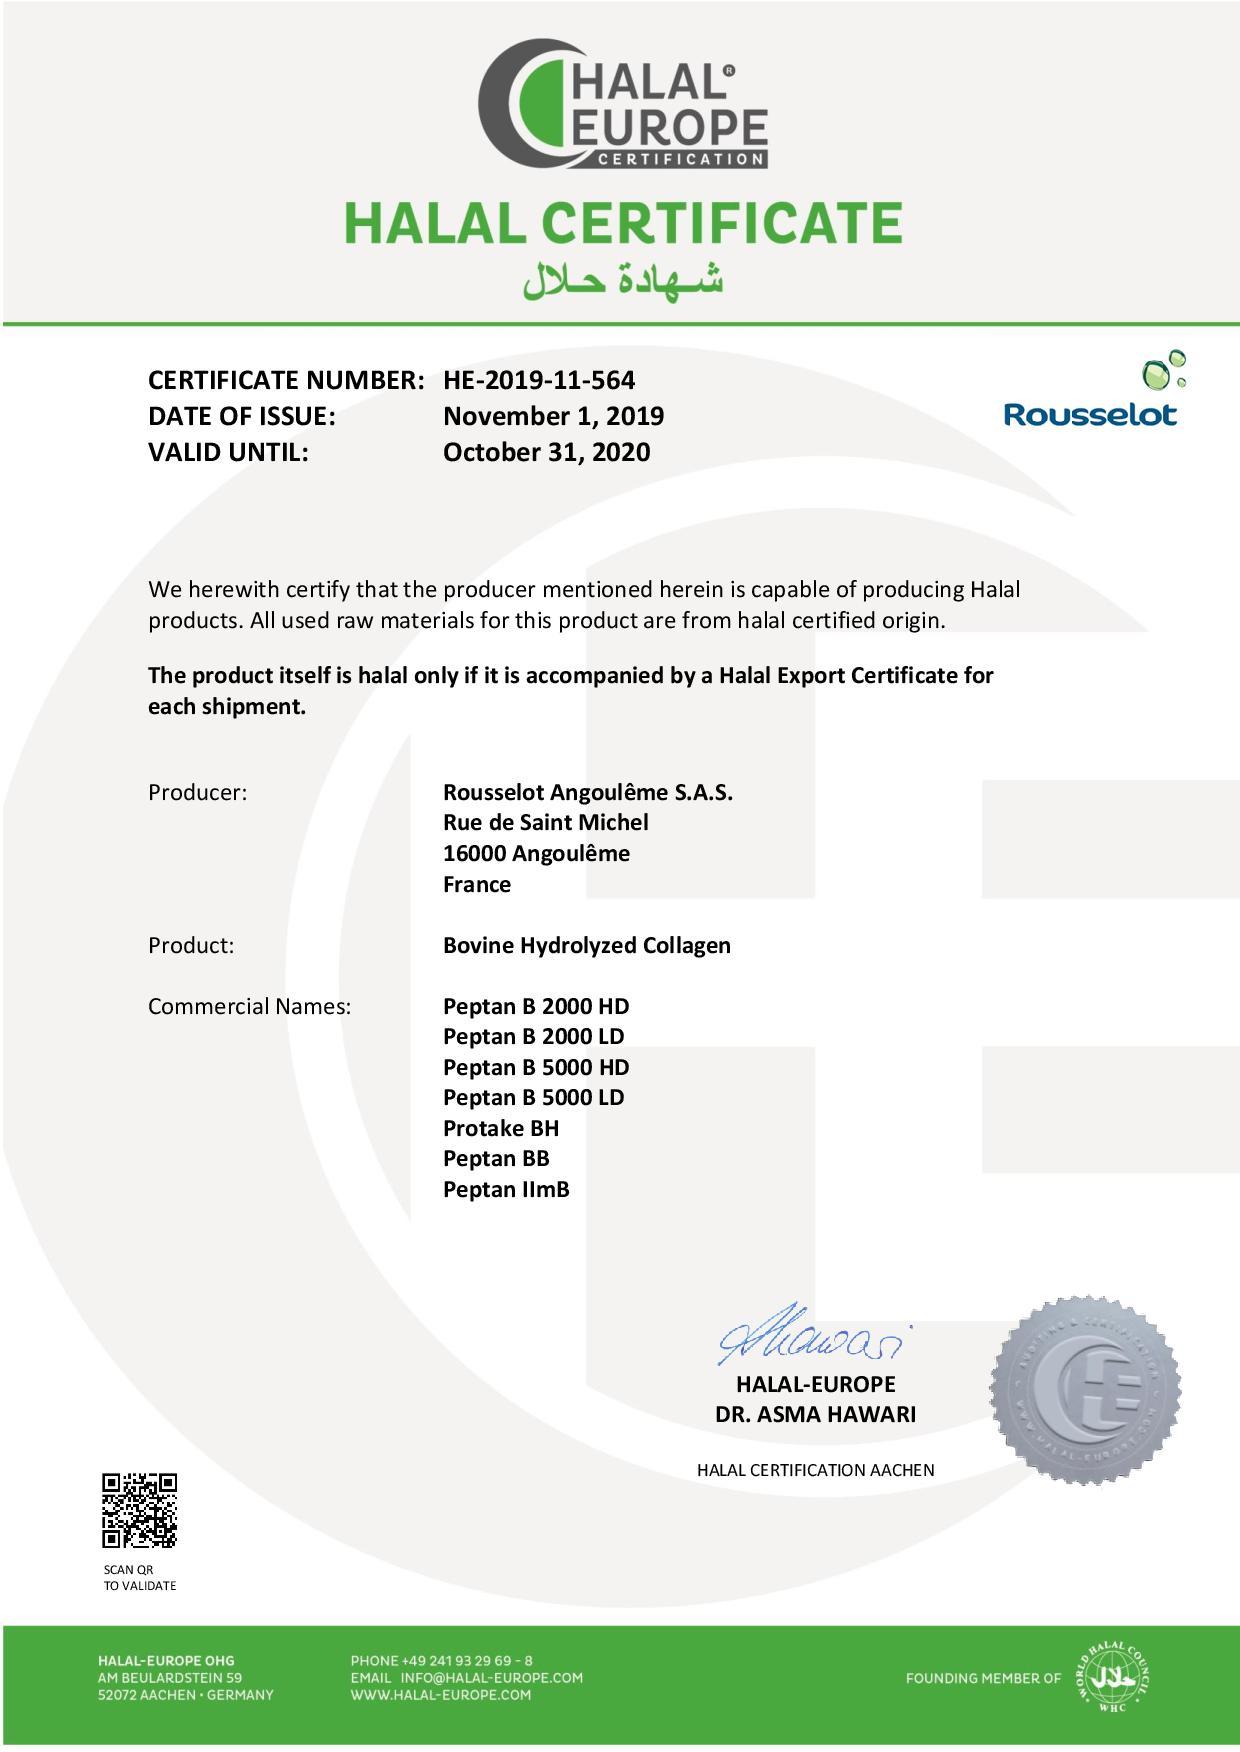 HE_Halal-Certificate_Rousselot_Bovine-Hydrolyzed-Collagen_2019-11-564-page-001